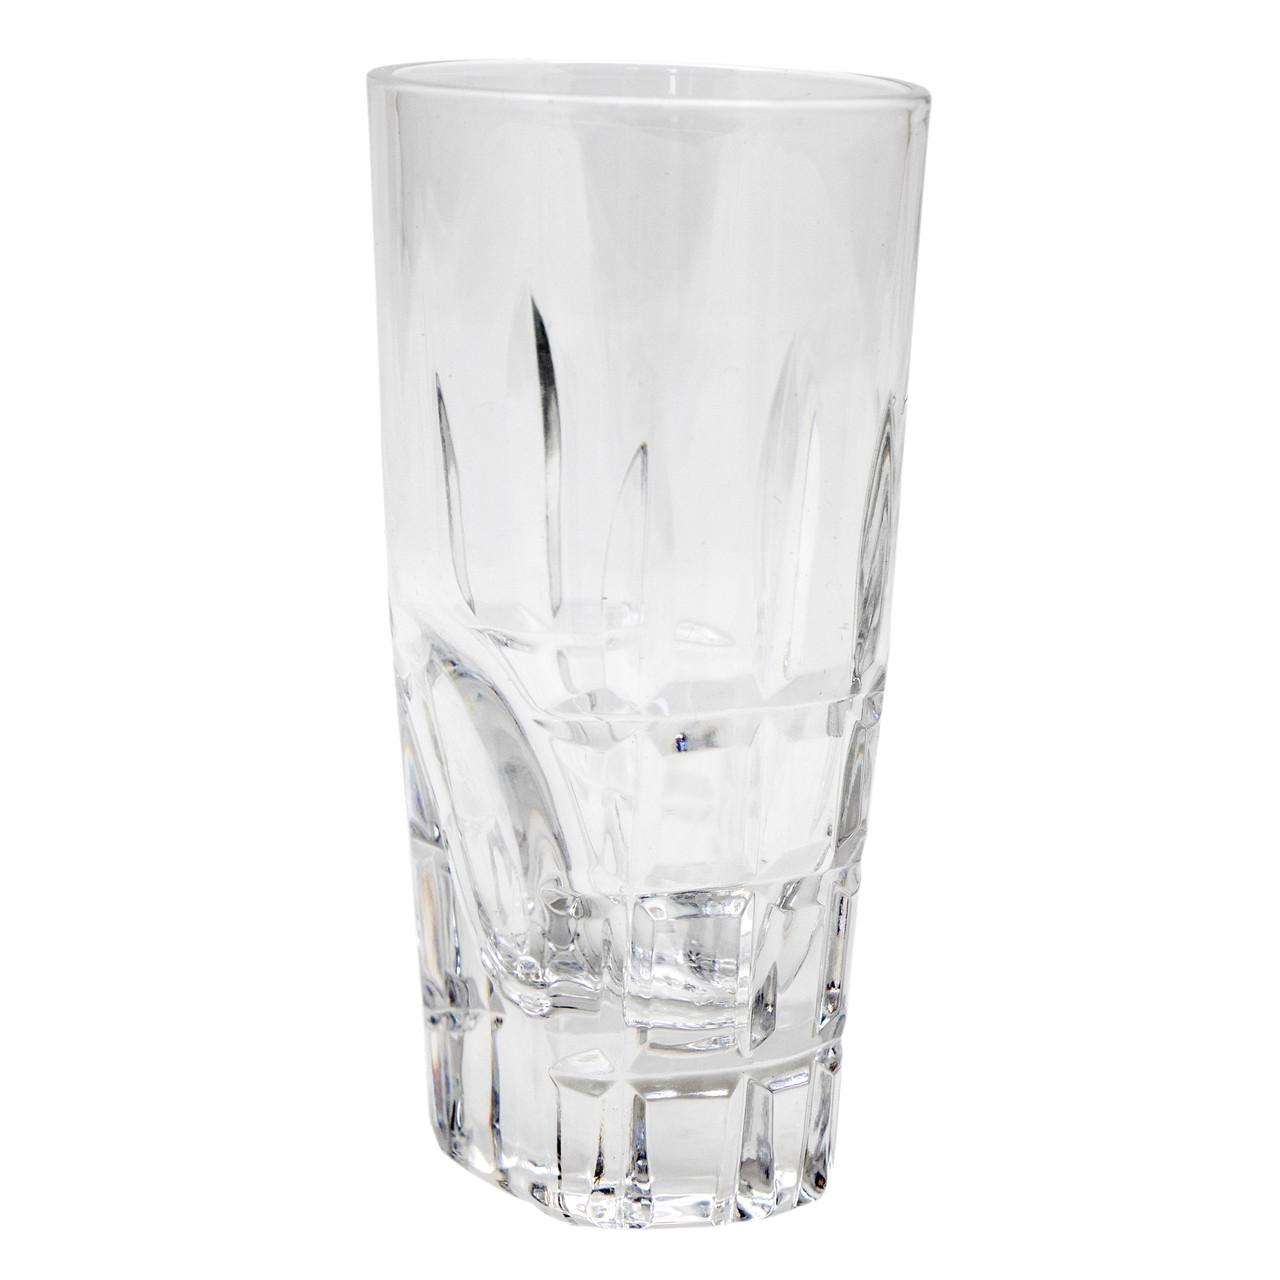 Хрустальный стакан для вина Neman, узор - ледяные кубики, 10 см, 50 мл (10245/2-2)